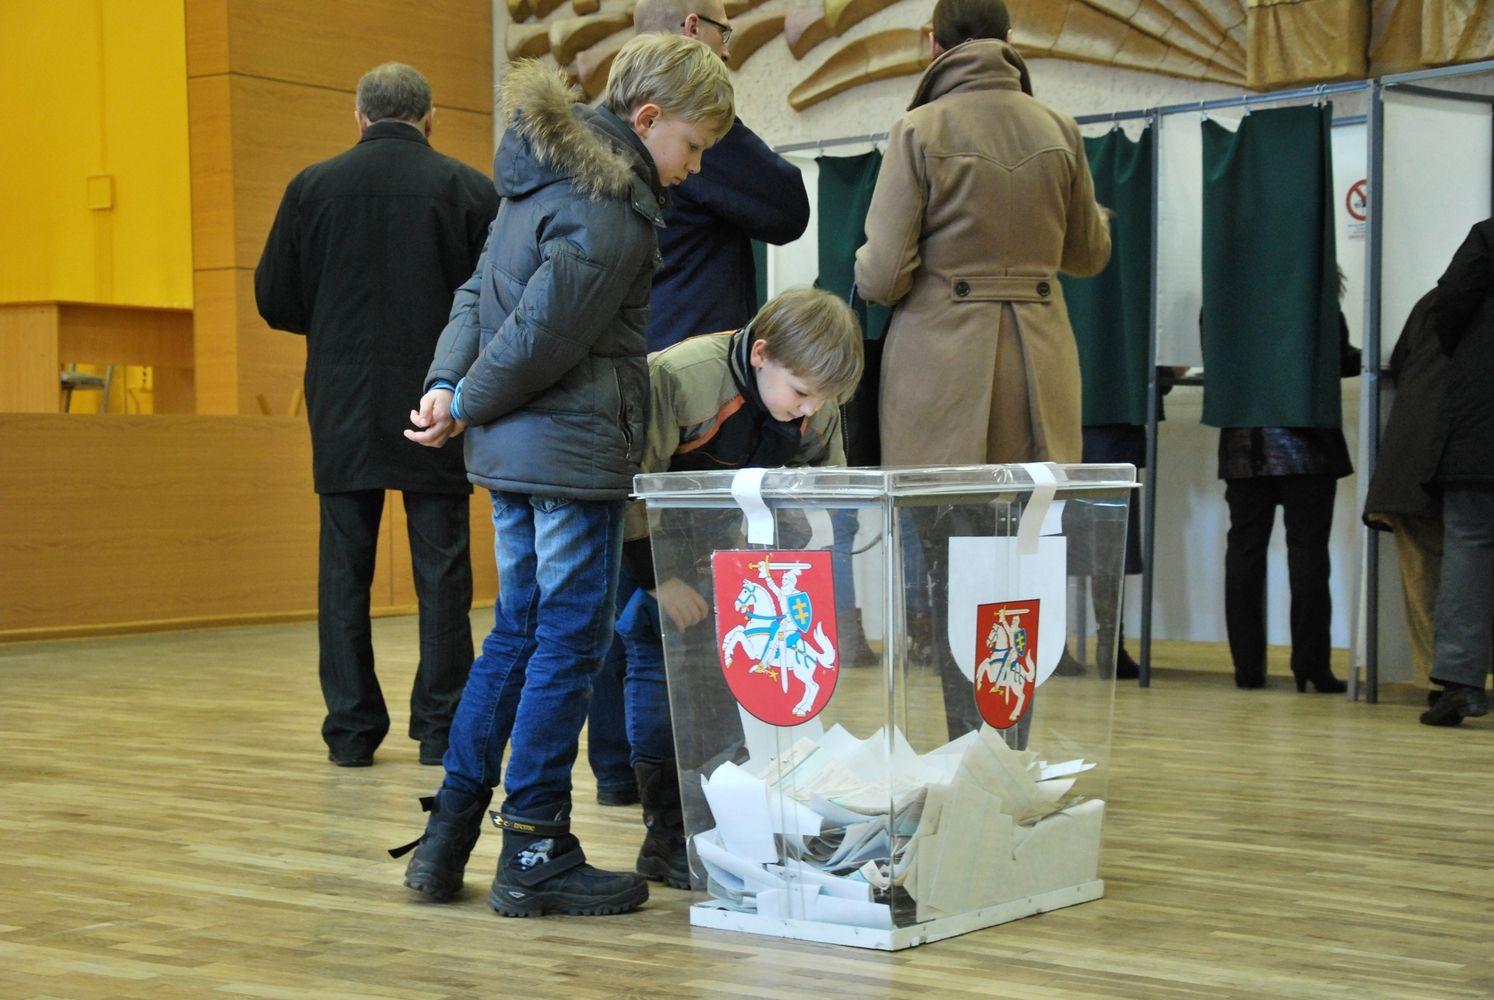 Paskirtos trijų kitąmet įvyksiančių rinkimų datos